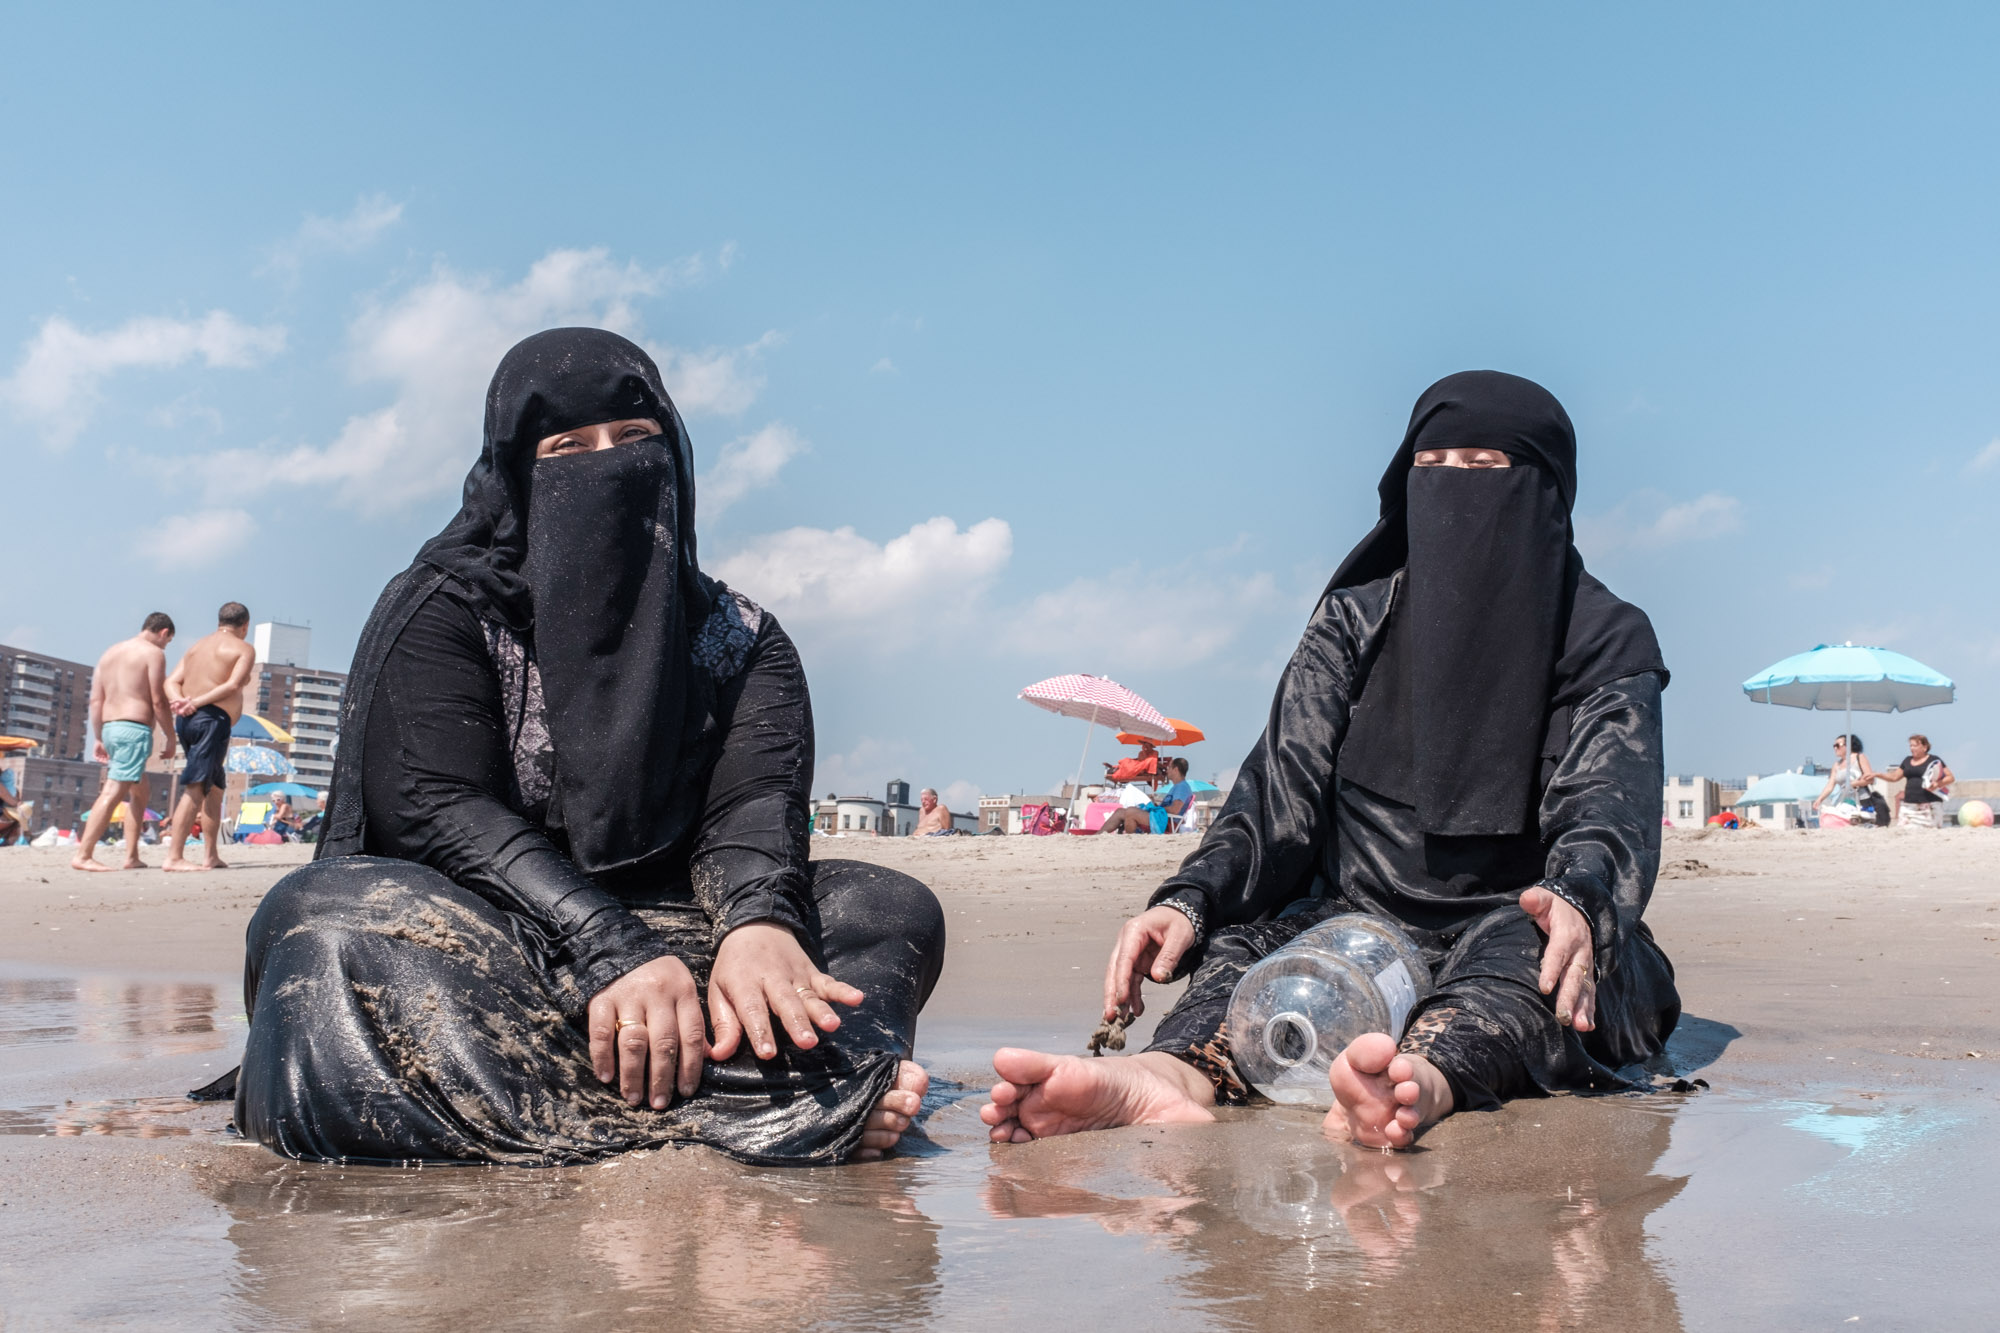 niqabwomenfinal.jpg